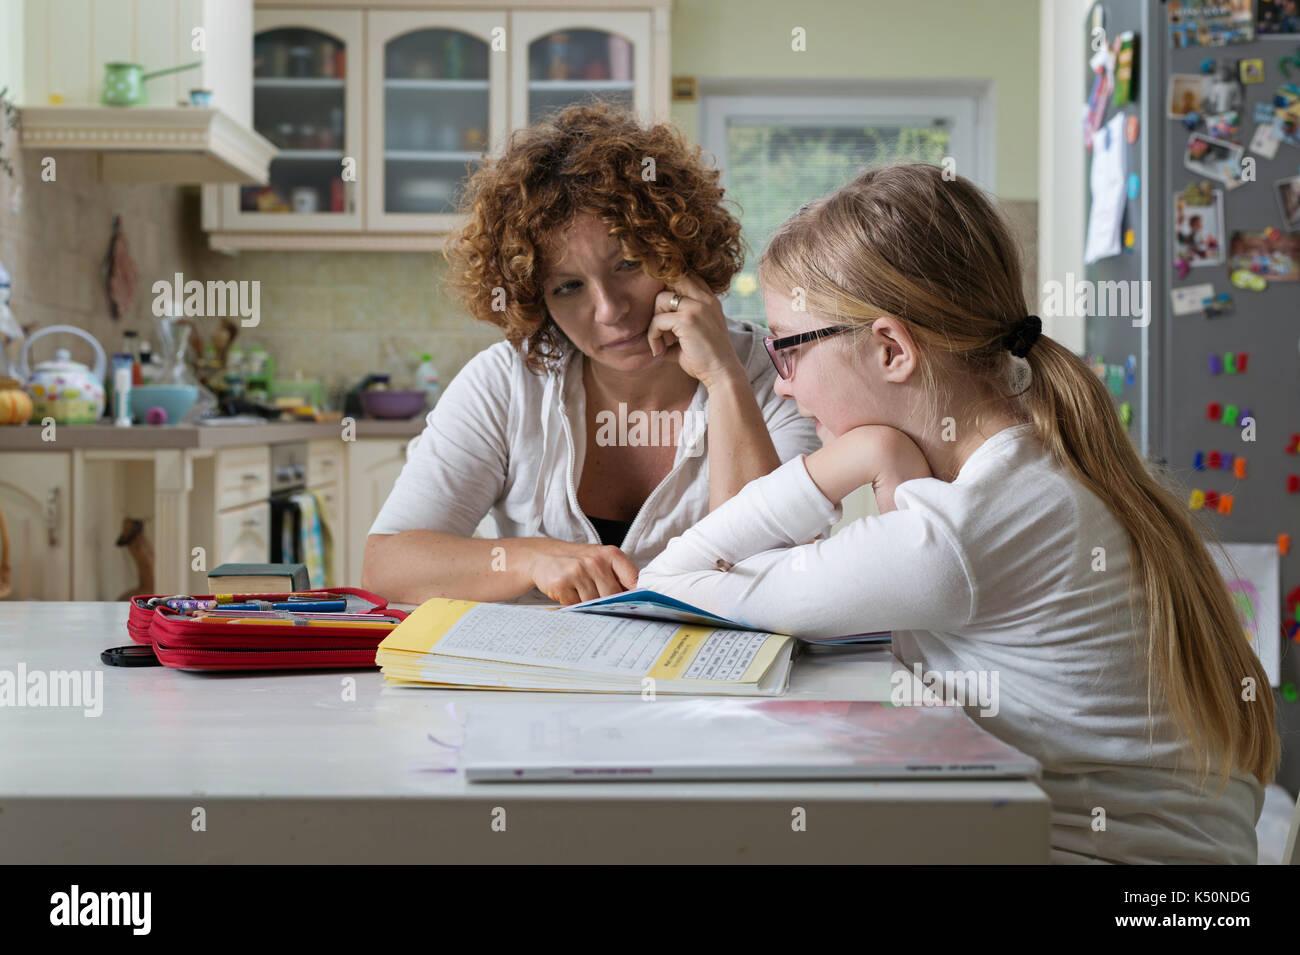 homework help ndg